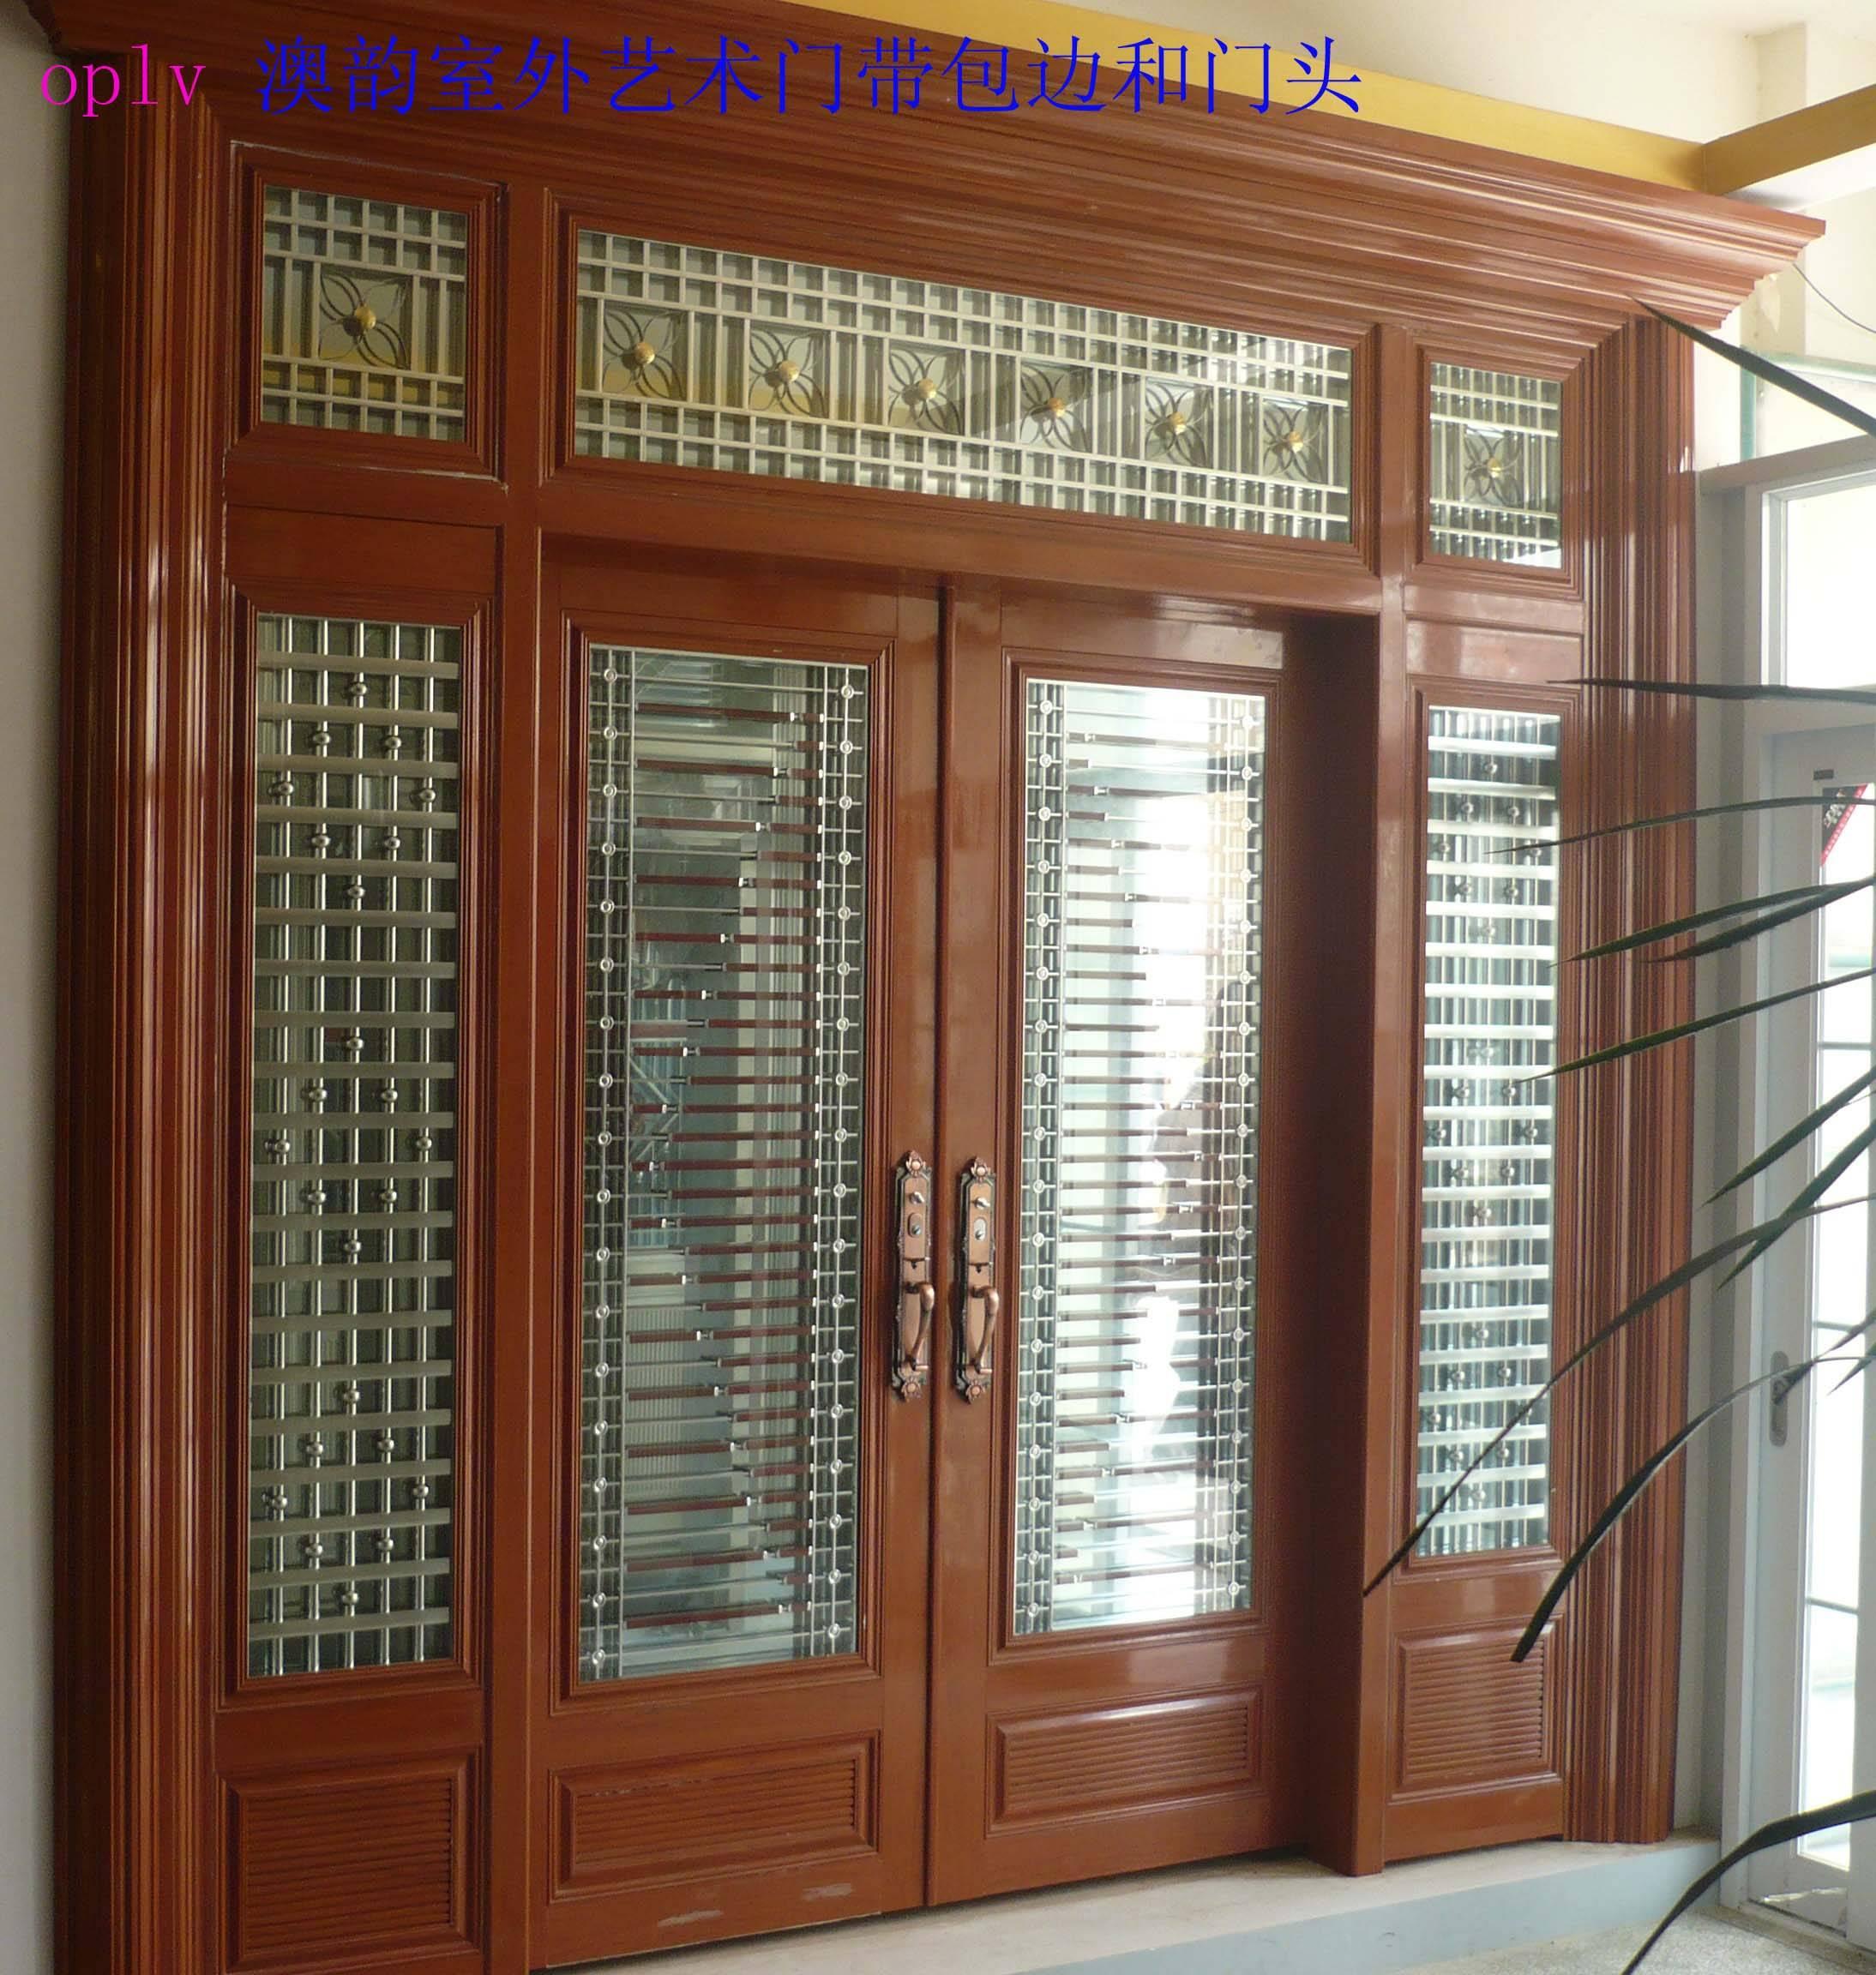 2008防盗门产品图片,2008防盗门产品相册 中国广州市澳宝易发门窗系统有限公司